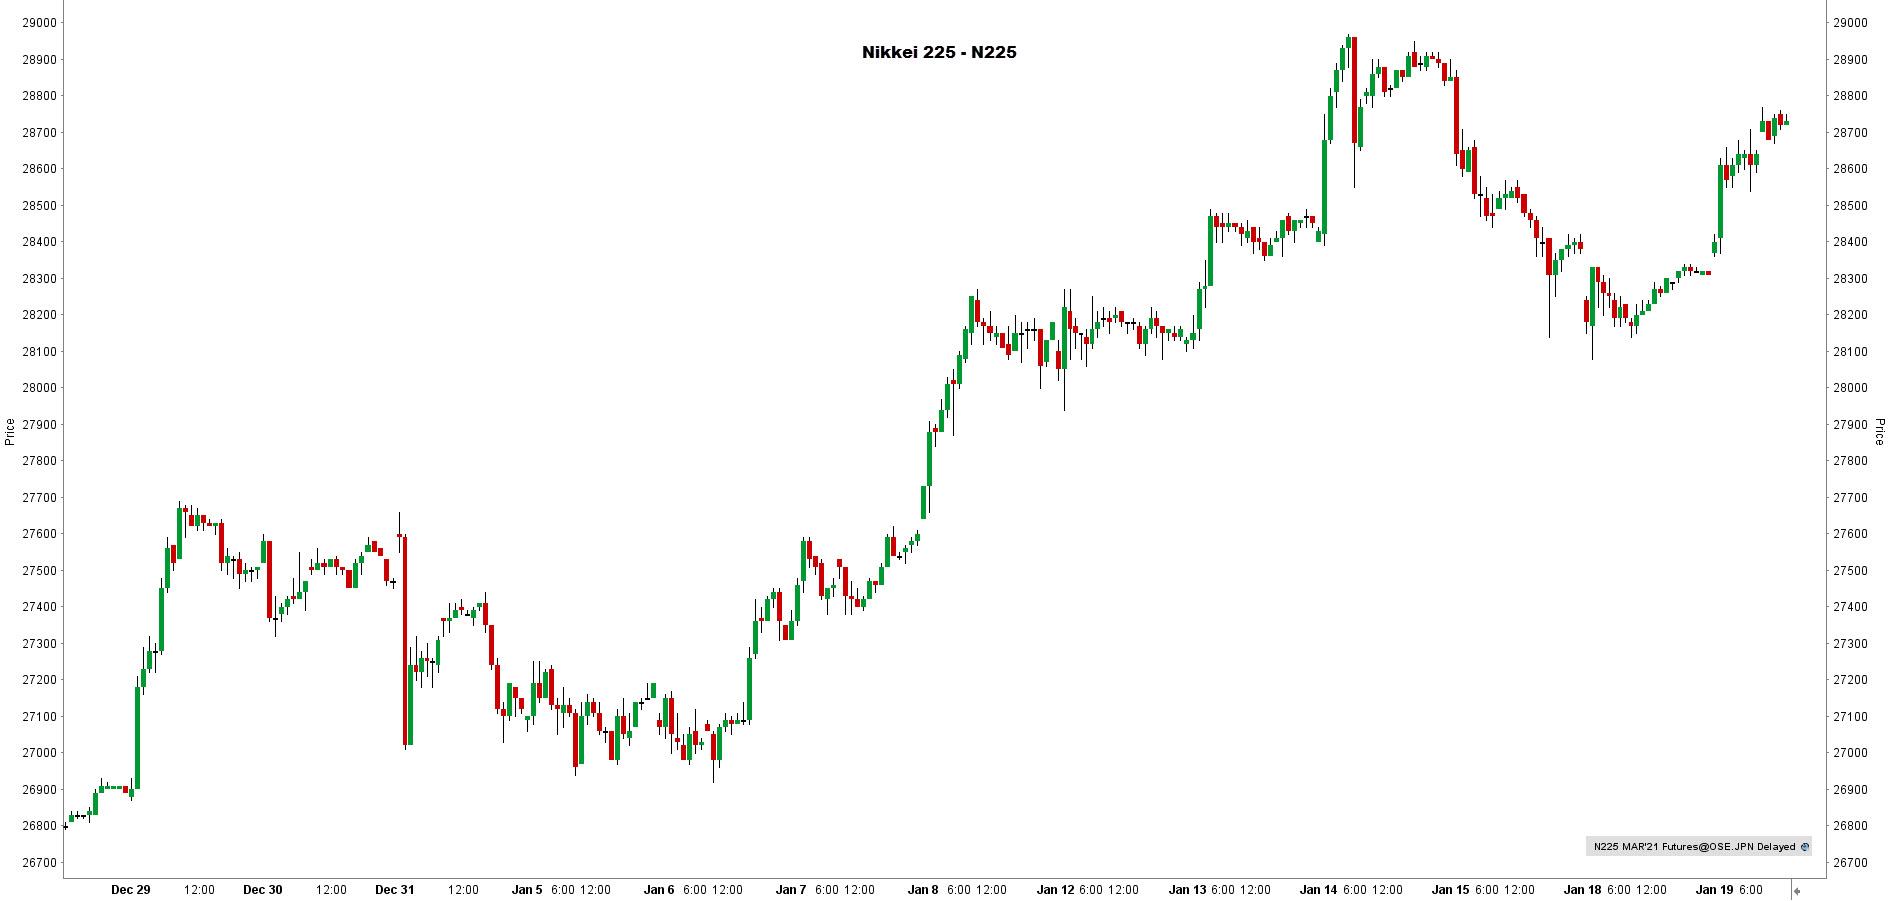 la chronique lynx broker 190121 - graphique Nikkei